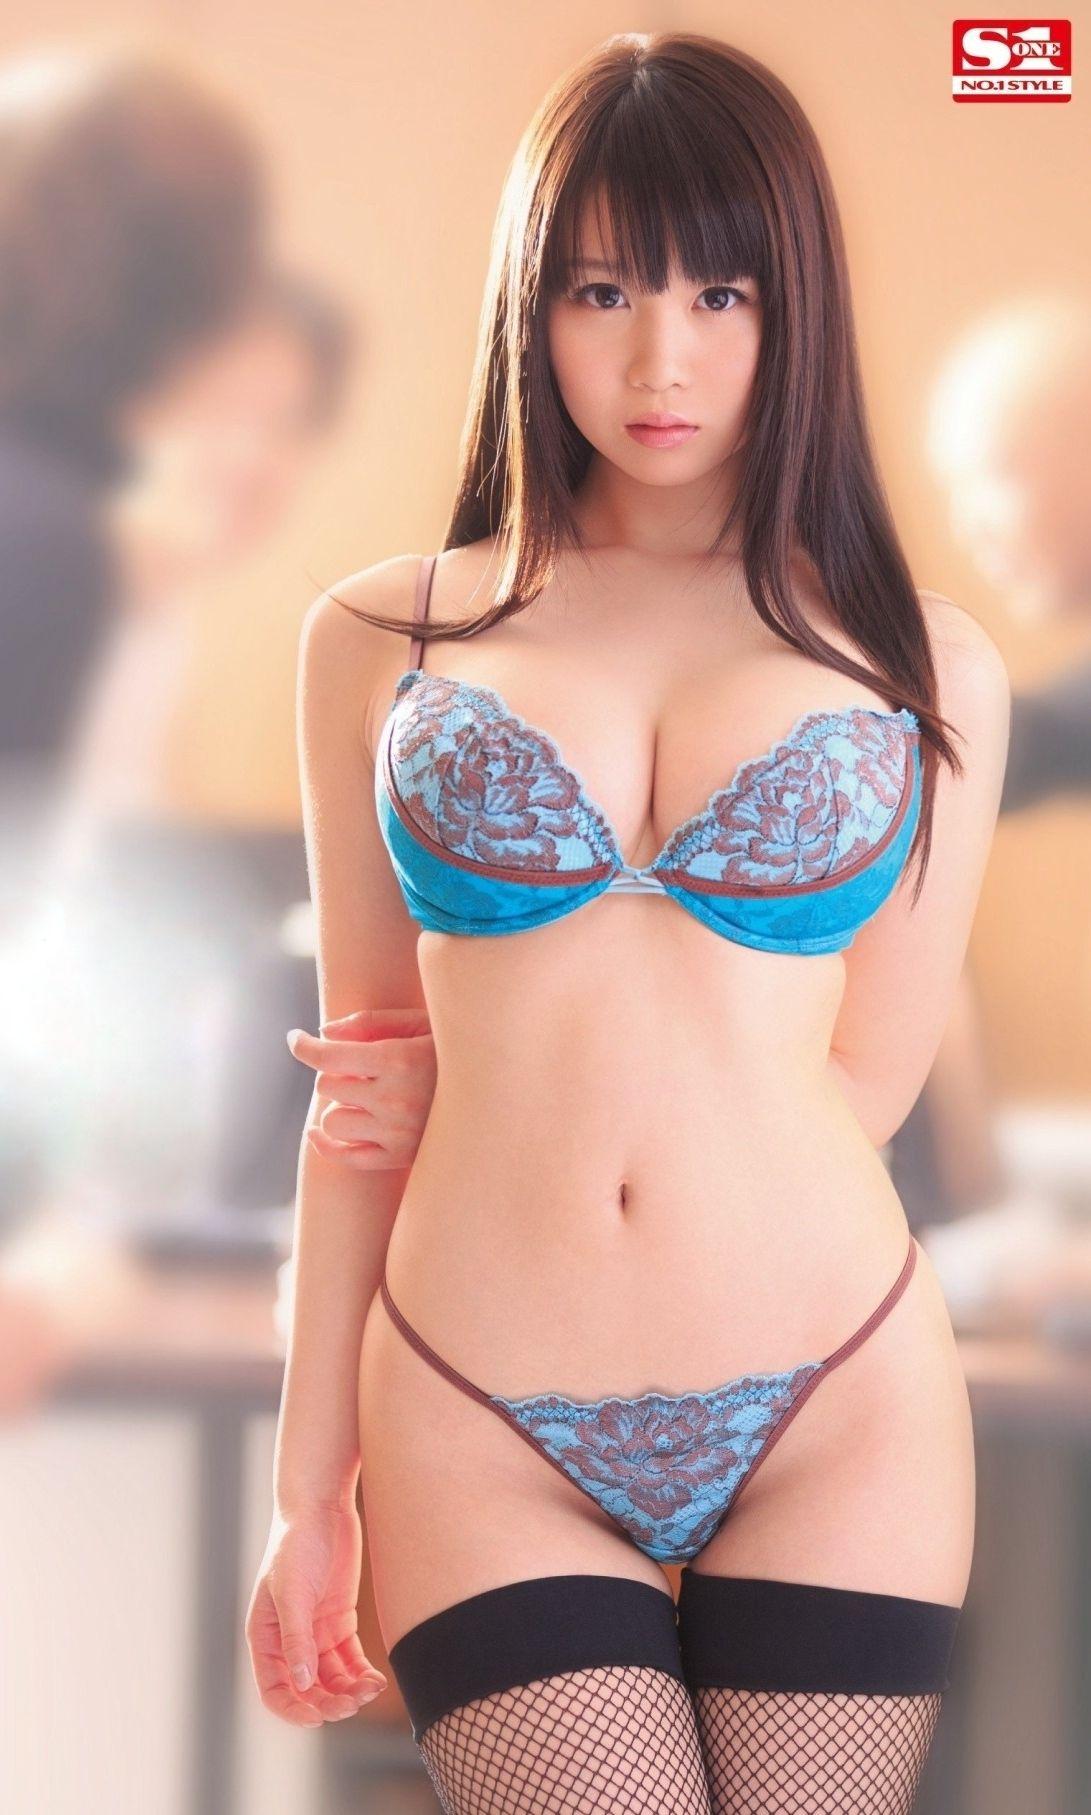 Pin On Stunning Girls